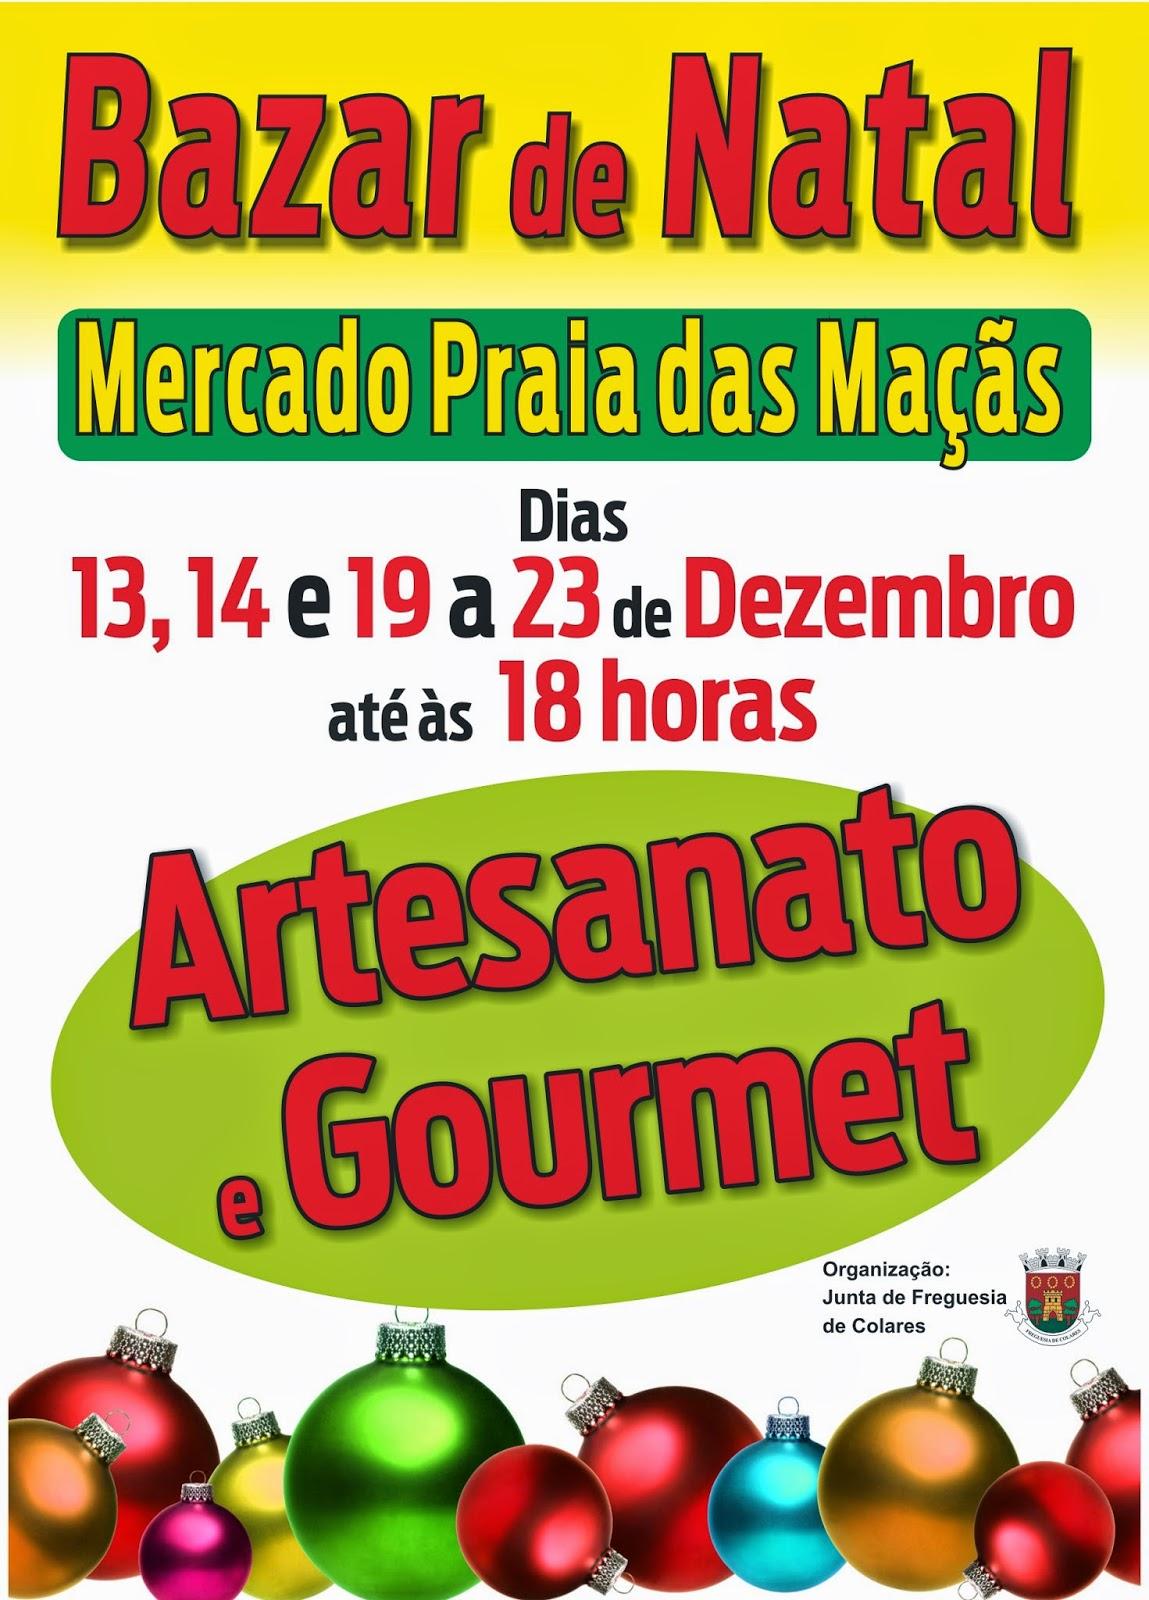 Bazar de Natal artesanado e gourmet freguesia de c